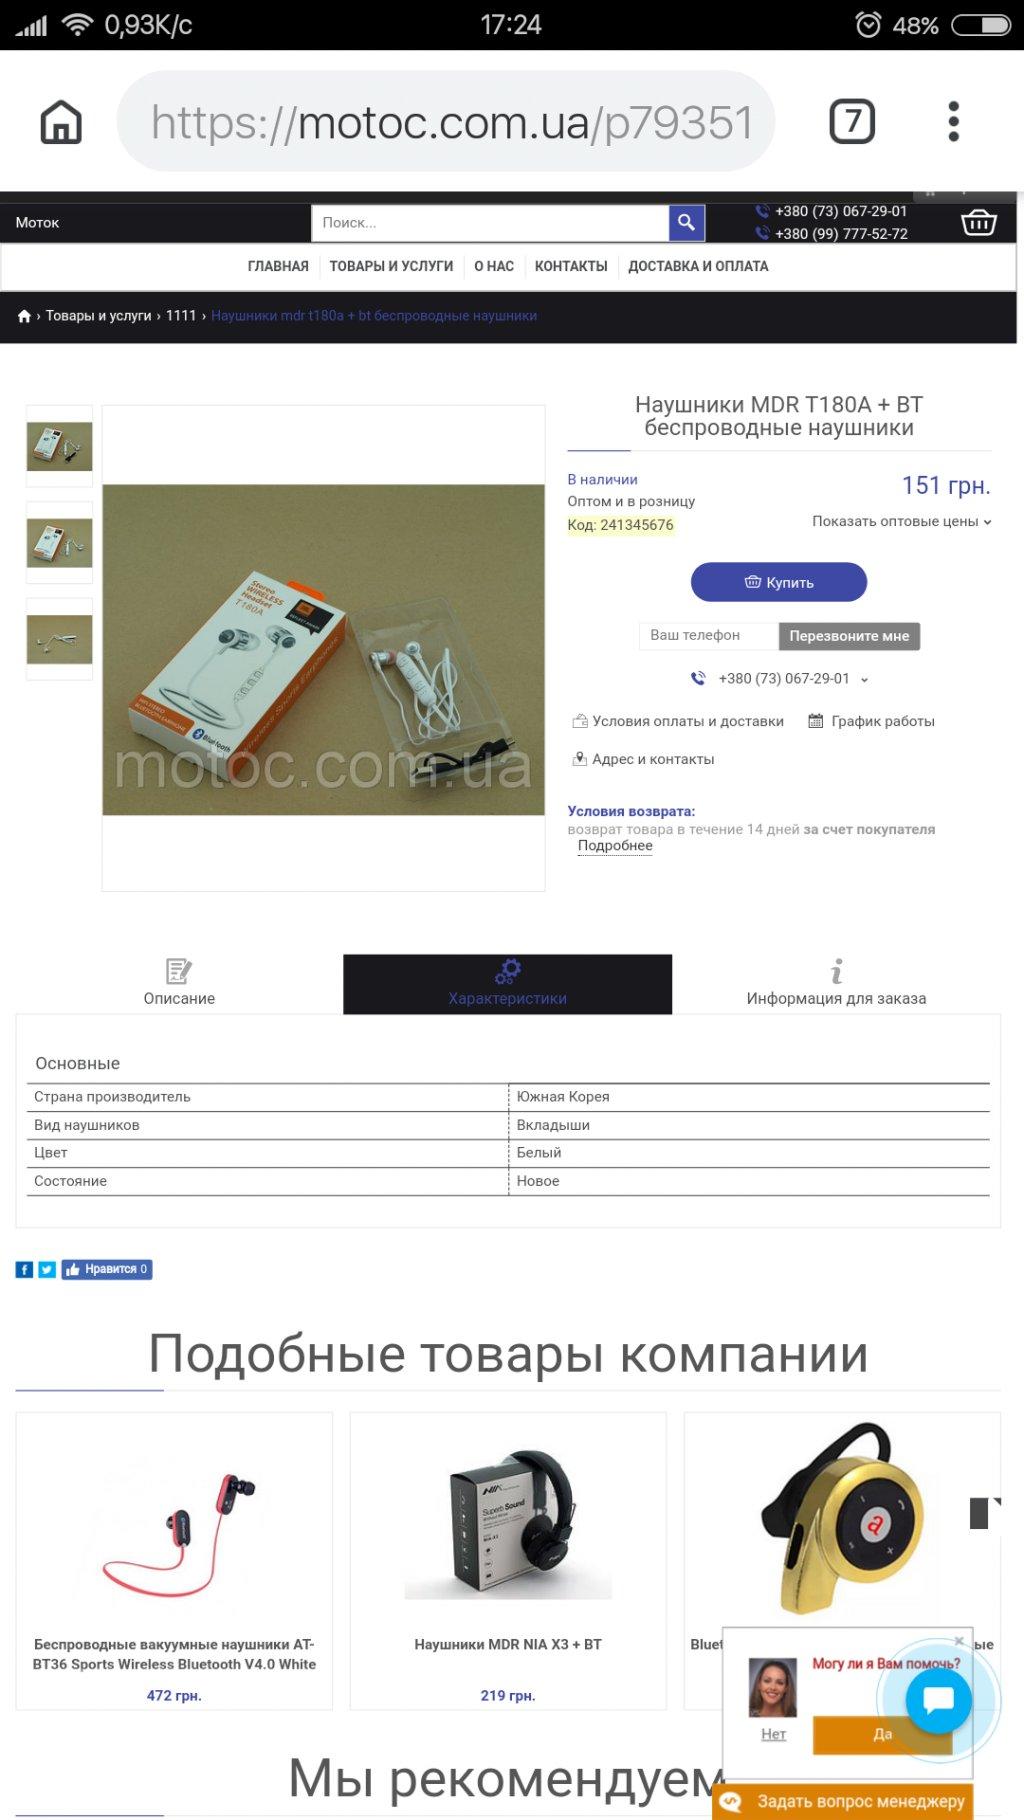 motoc.com.ua интернет-магазин - категорически НЕ рекомендую !